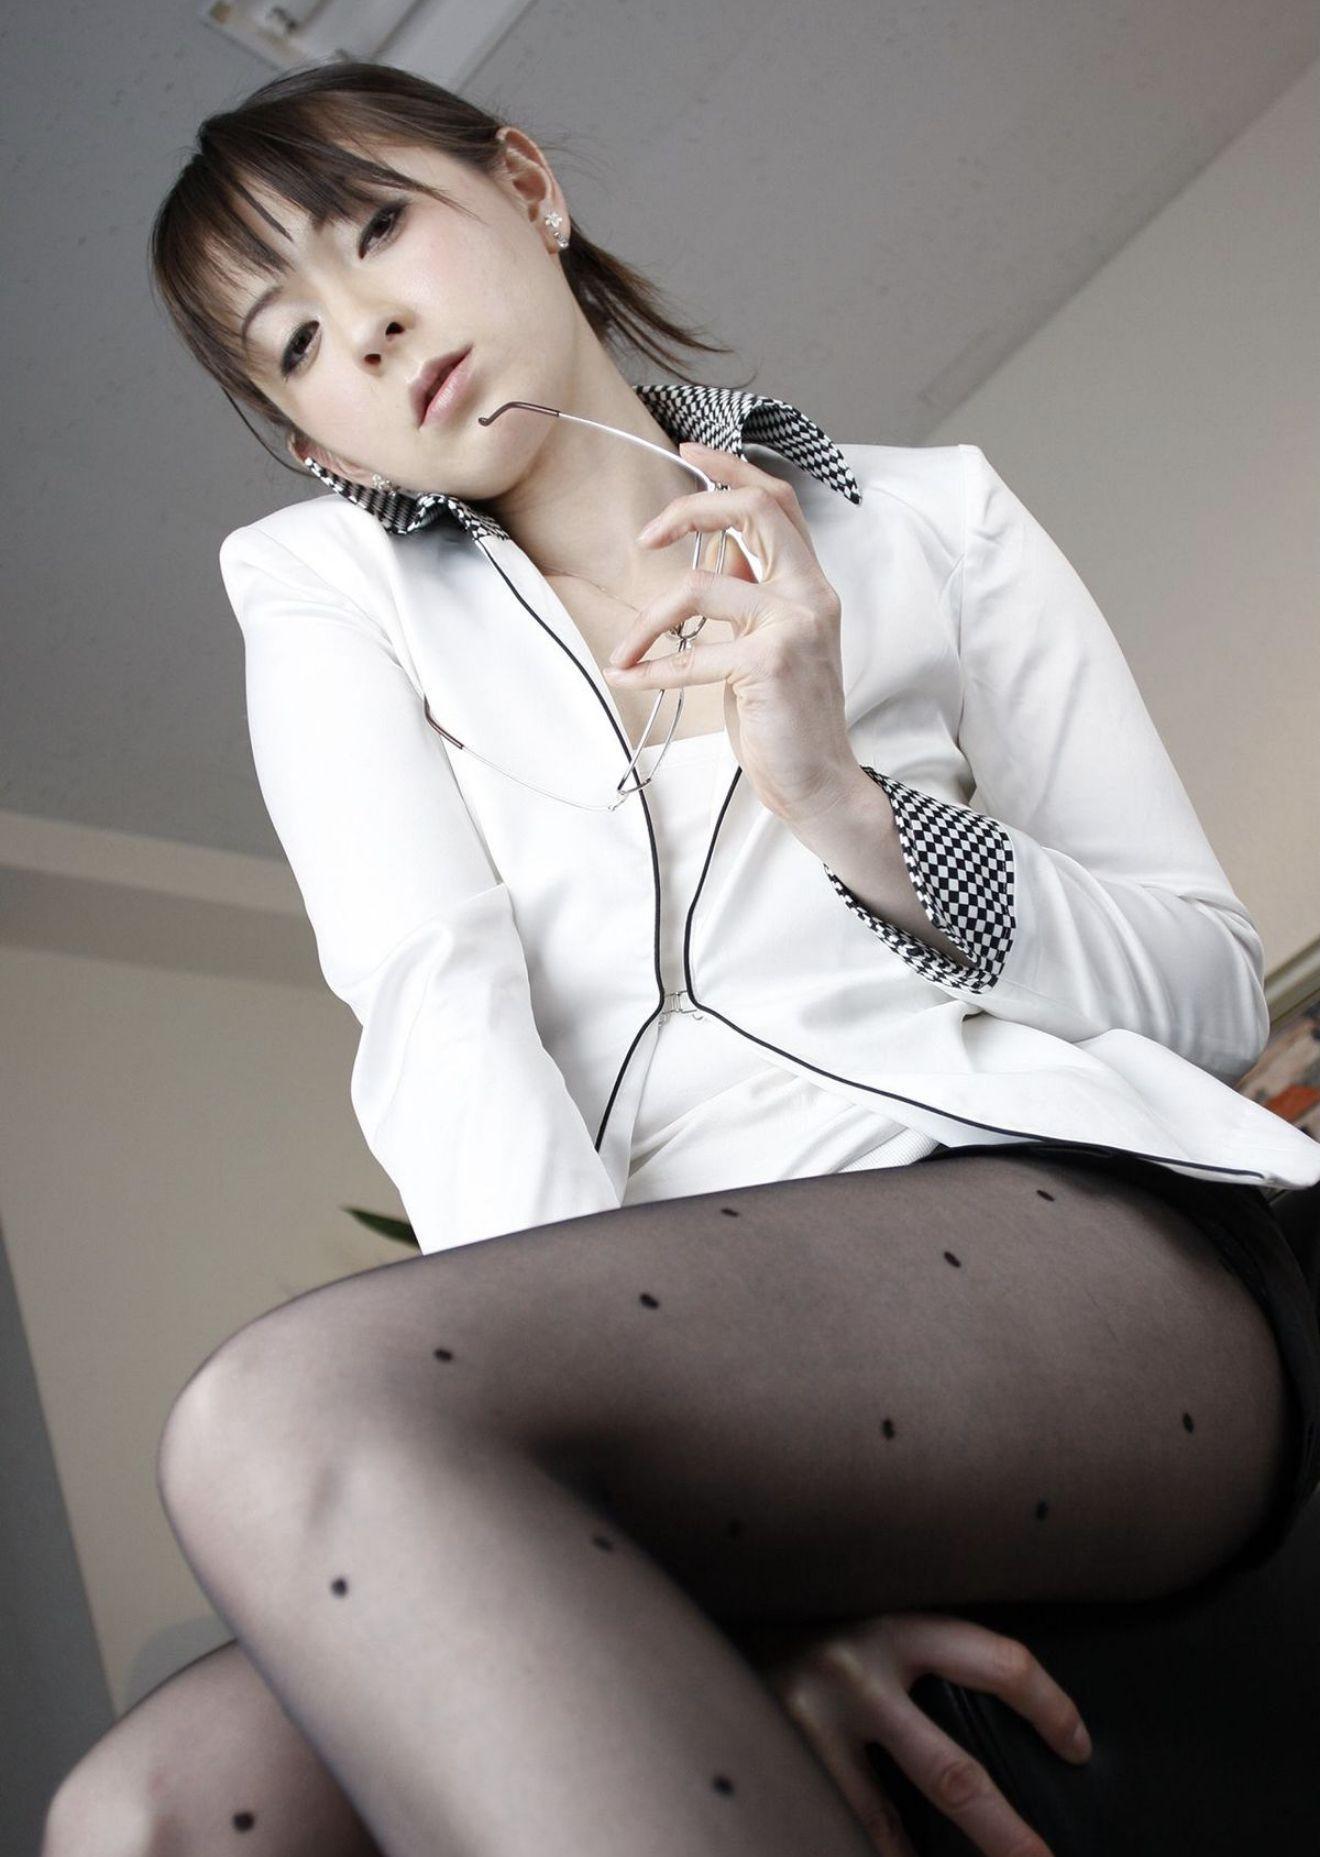 欲求不満の熟女教師 北条麻妃・柳田やよい・光月夜也 濃密グラビア写真集 007